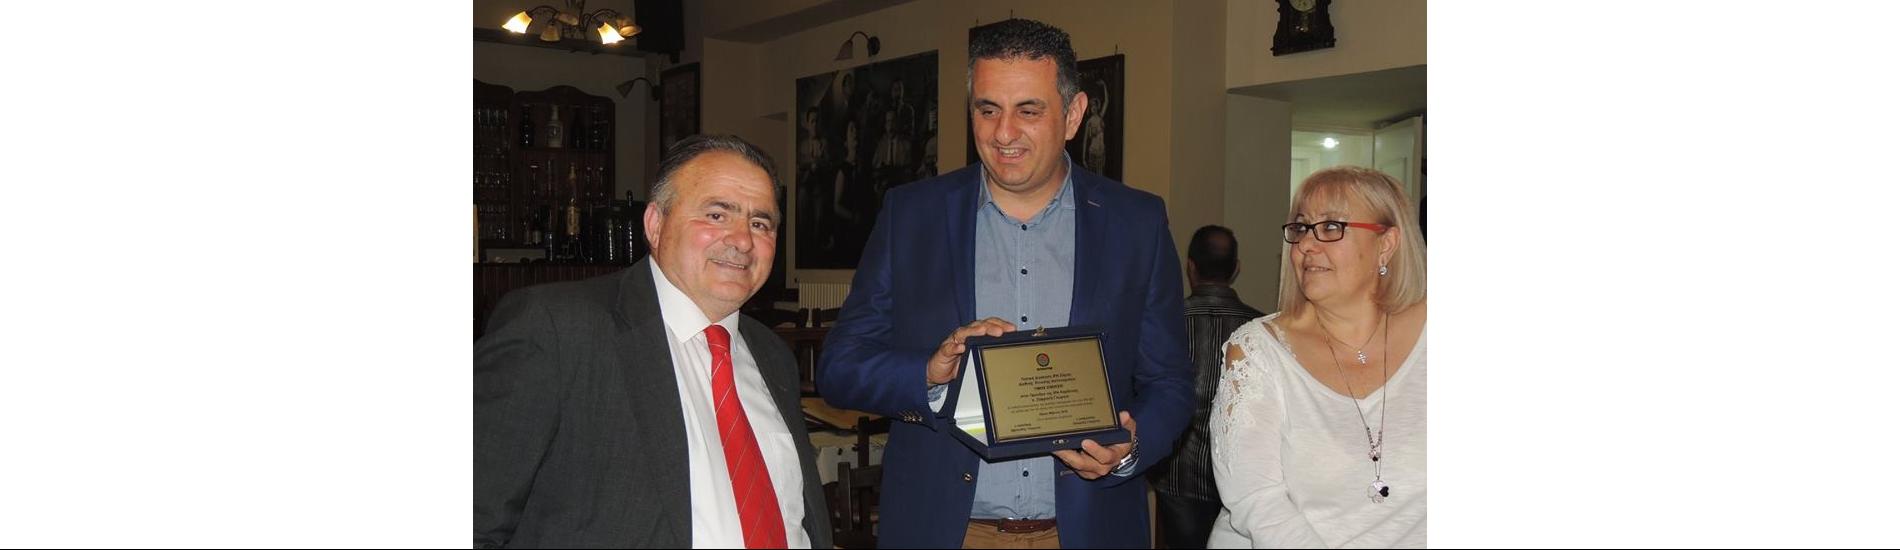 Η Τοπική Διοίκηση ΙΡΑ Σάμου Διεθνής Ένωσης Αστυνομικών τίμησε τον πρόεδρο της ΙΡΑ Καρδίτσας κ. Ζαρχανή Γεώργιο